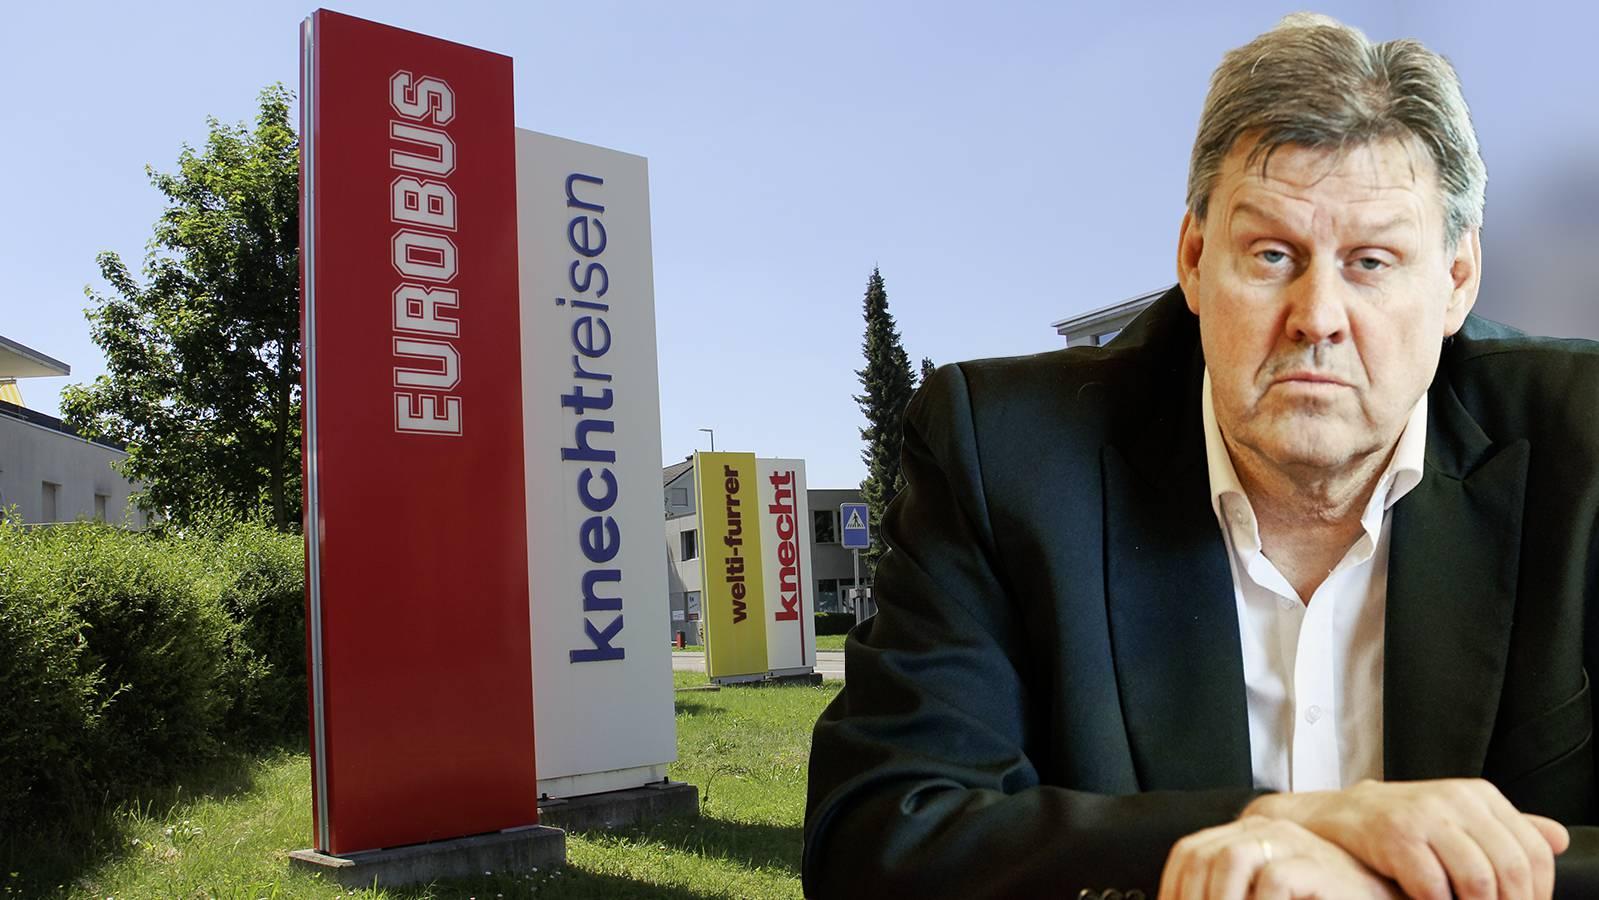 Dem Aargauer Reiseveranstalter fehlen die Einnahmen. Rechts im Bild: Knecht-Reisen-Geschäftsführer Roger Geissberger.